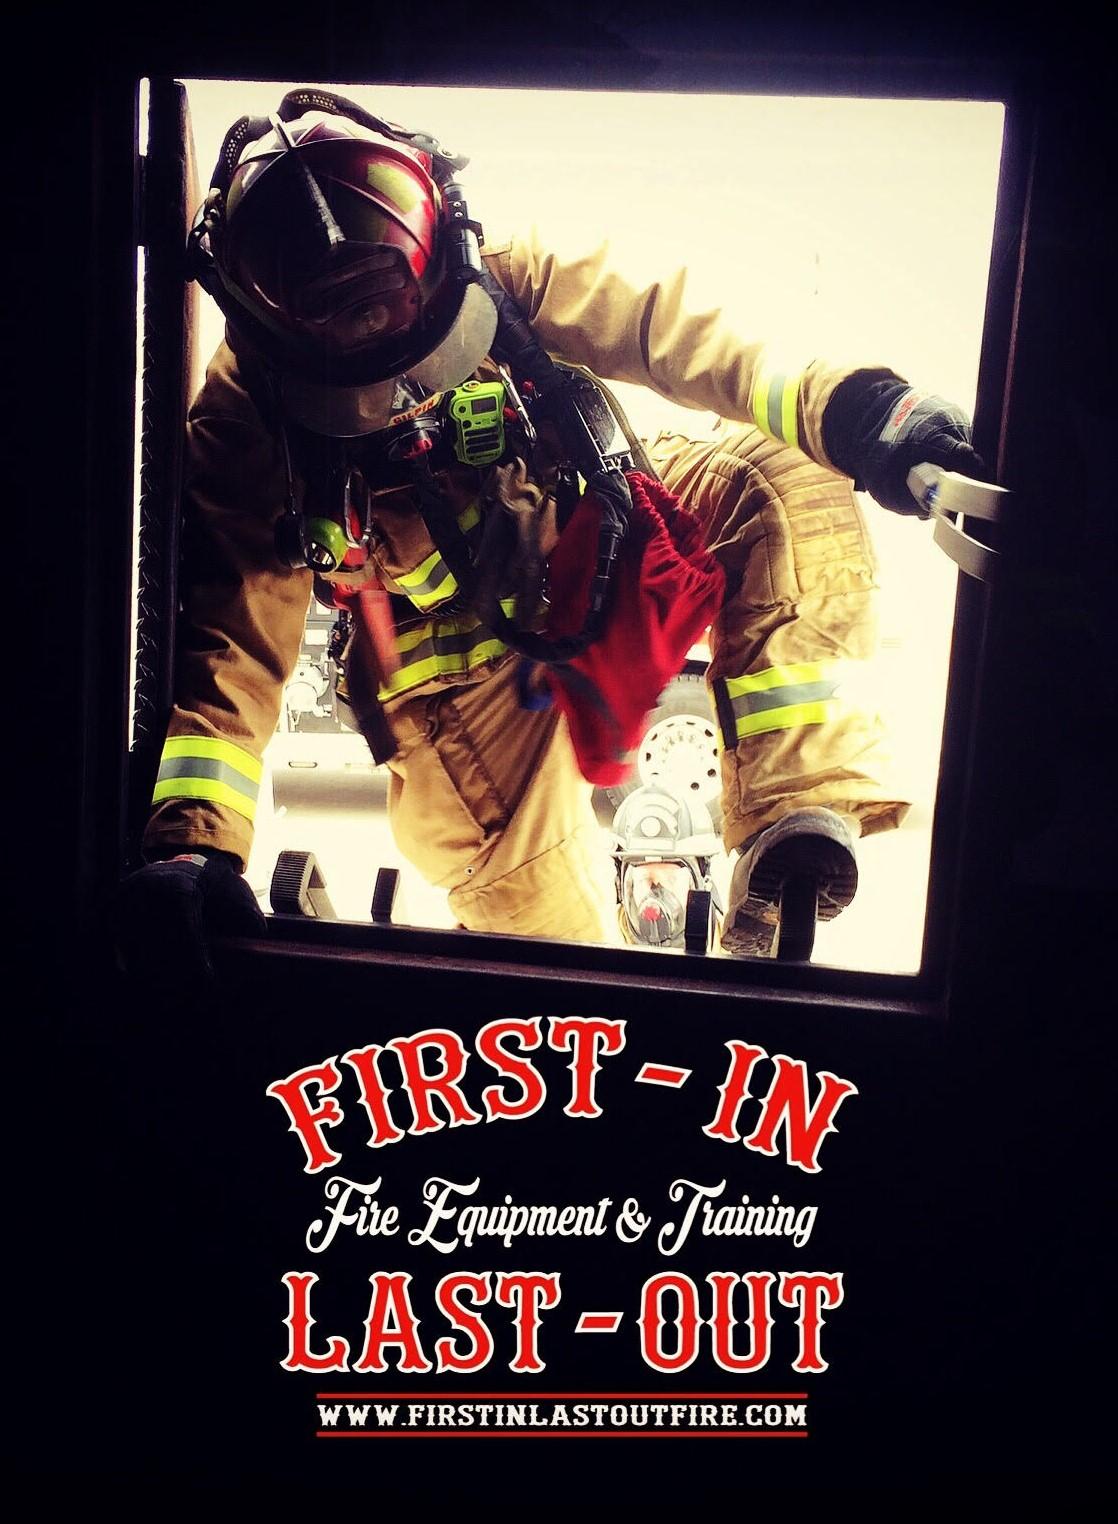 www.firstinlastoutfire.com